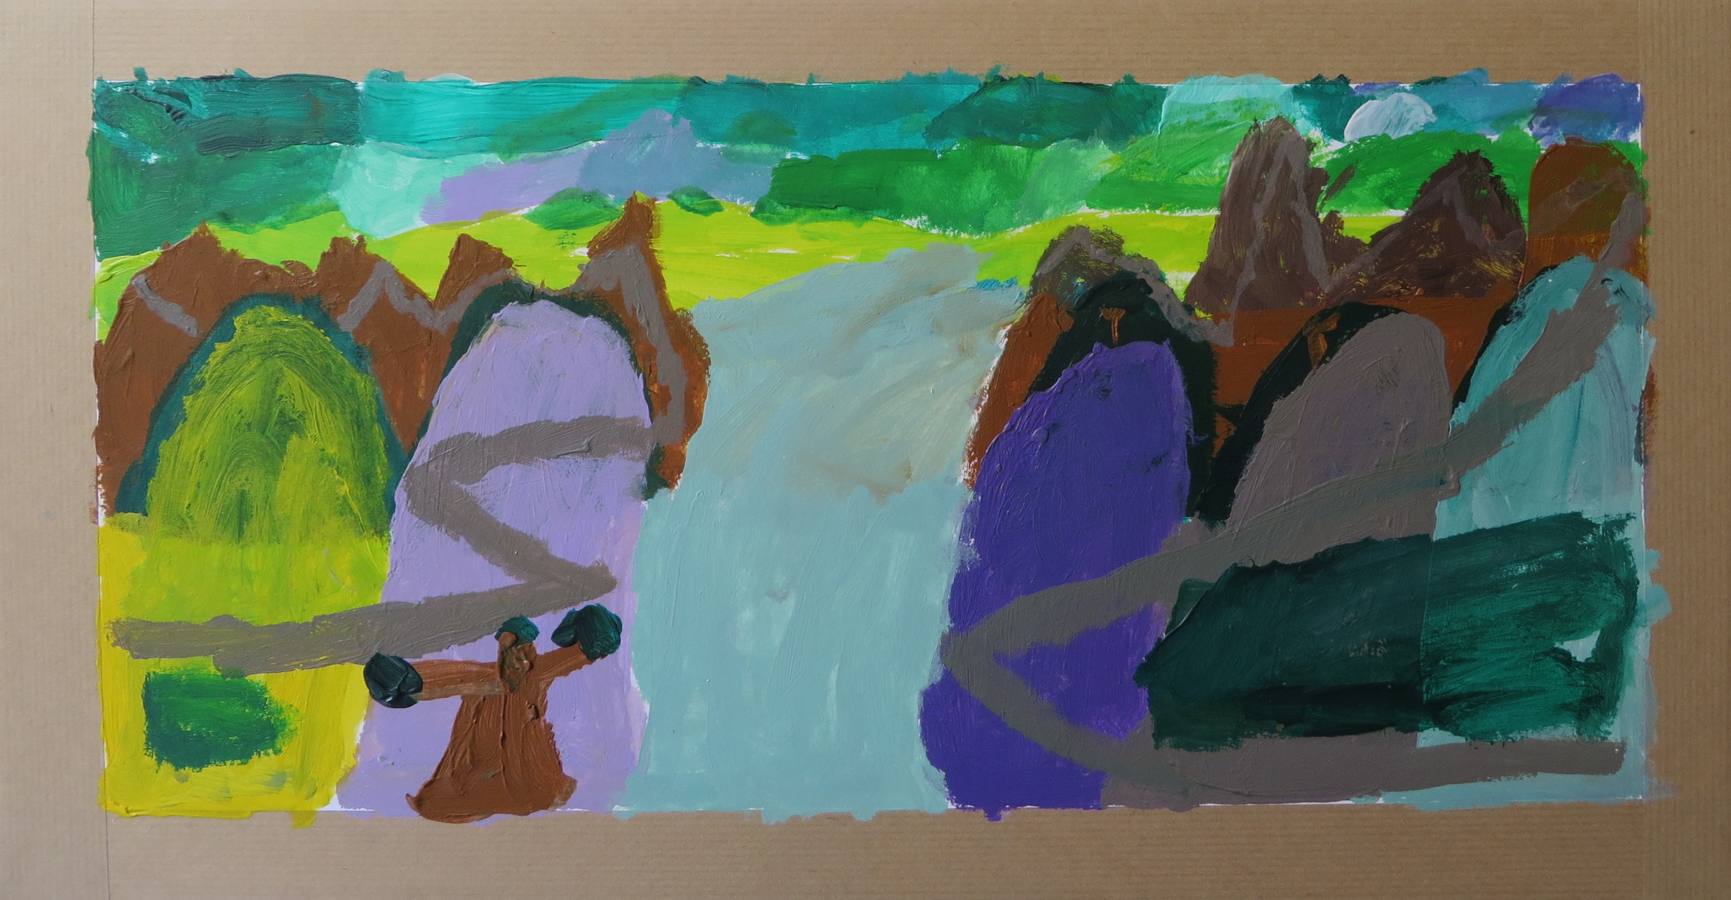 Apprendre à Peindre Un Paysage Avec De La Peinture Acrylique